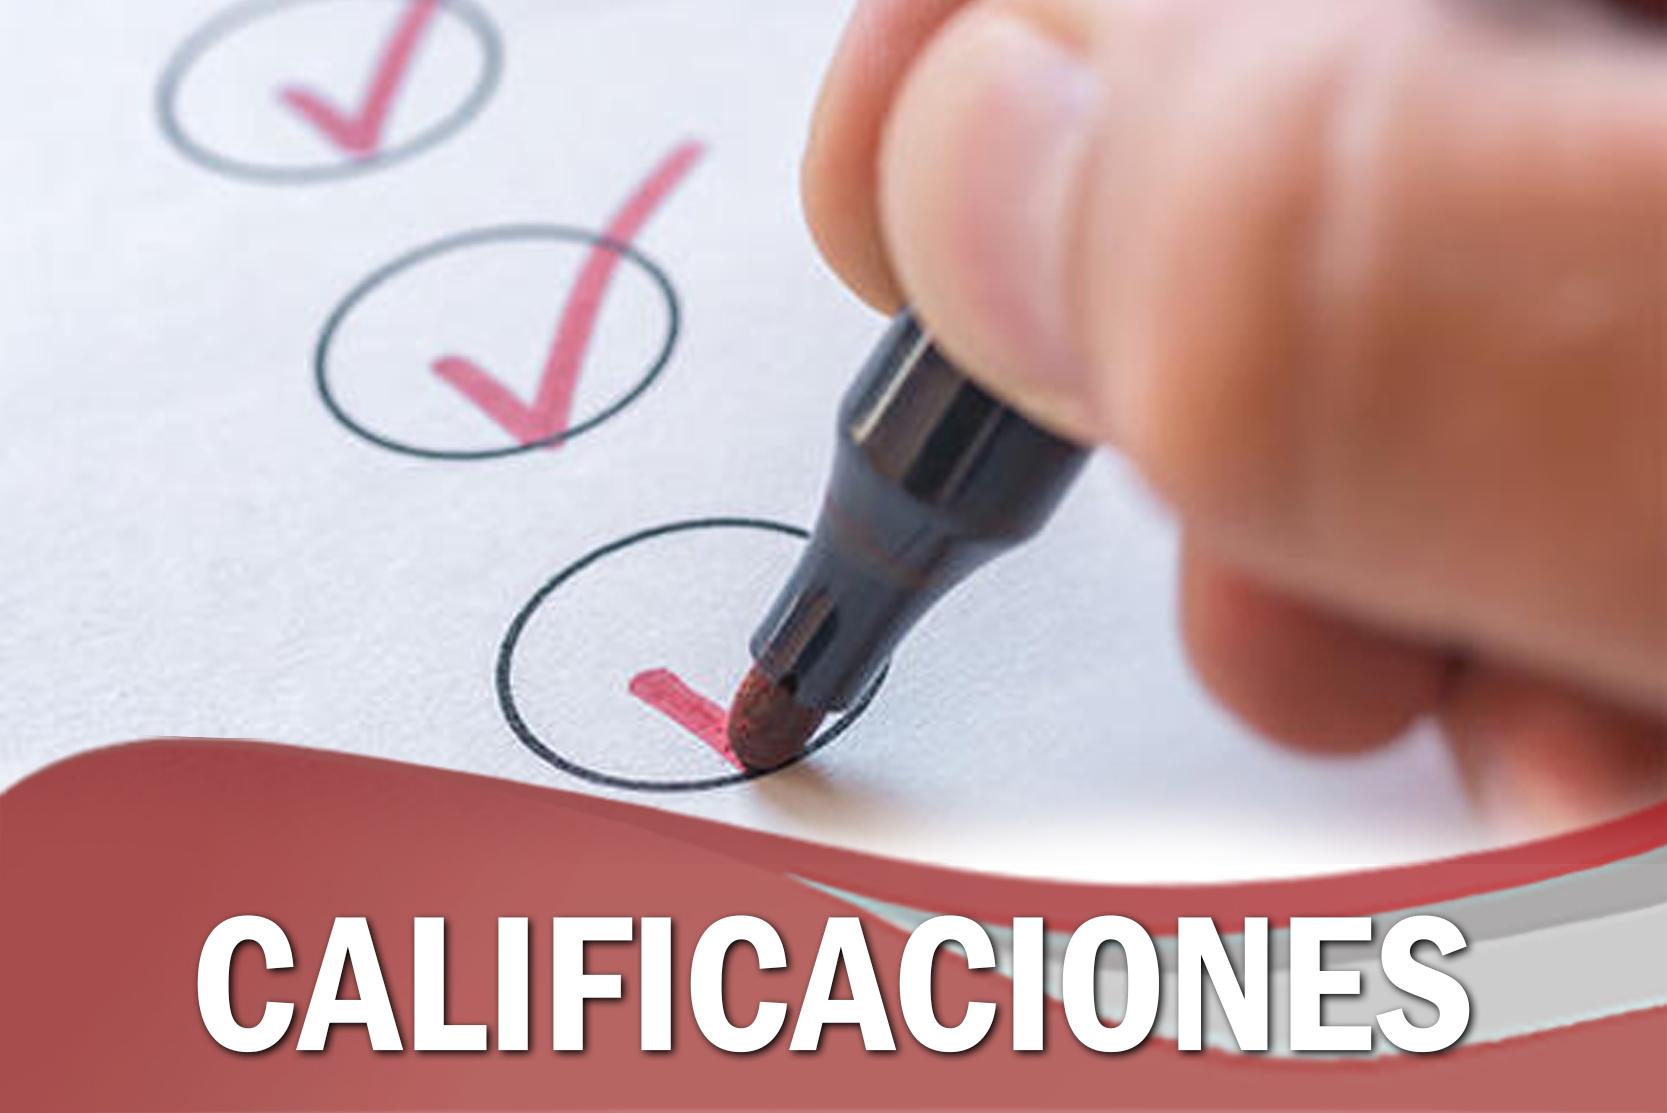 CALIFICACIONES CURSO ESPECIALIZADO EN DELITOS AMBIENTALES Y CONTRA LA VIDA SILVESTRE EN BOLIVIA